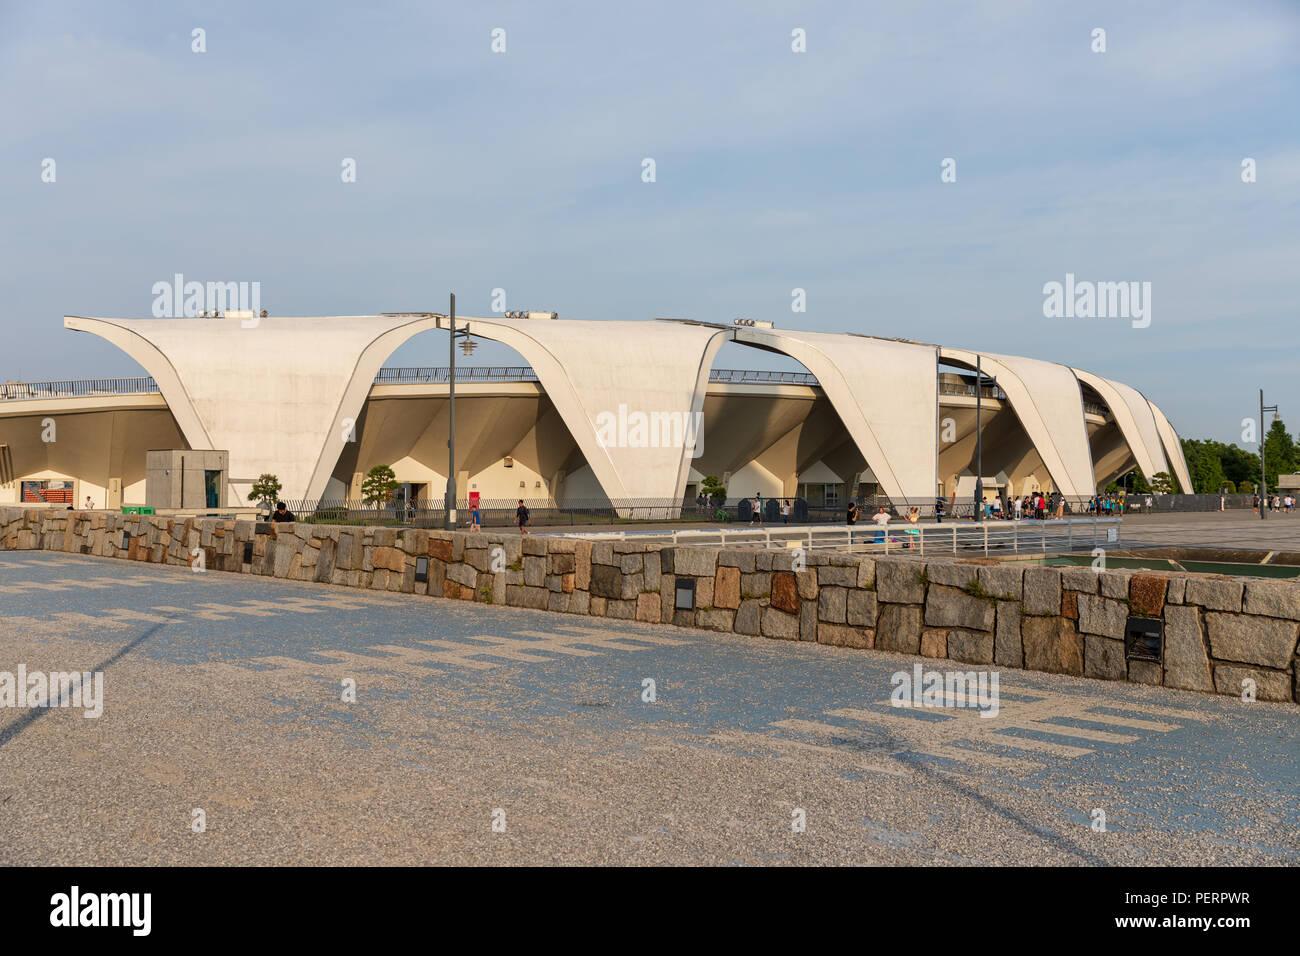 Komazawa Olympic Park Stadium (Murata Masachika Architects), construido para los Juegos Olímpicos de Verano de 1964 en Tokio, Japón Foto de stock